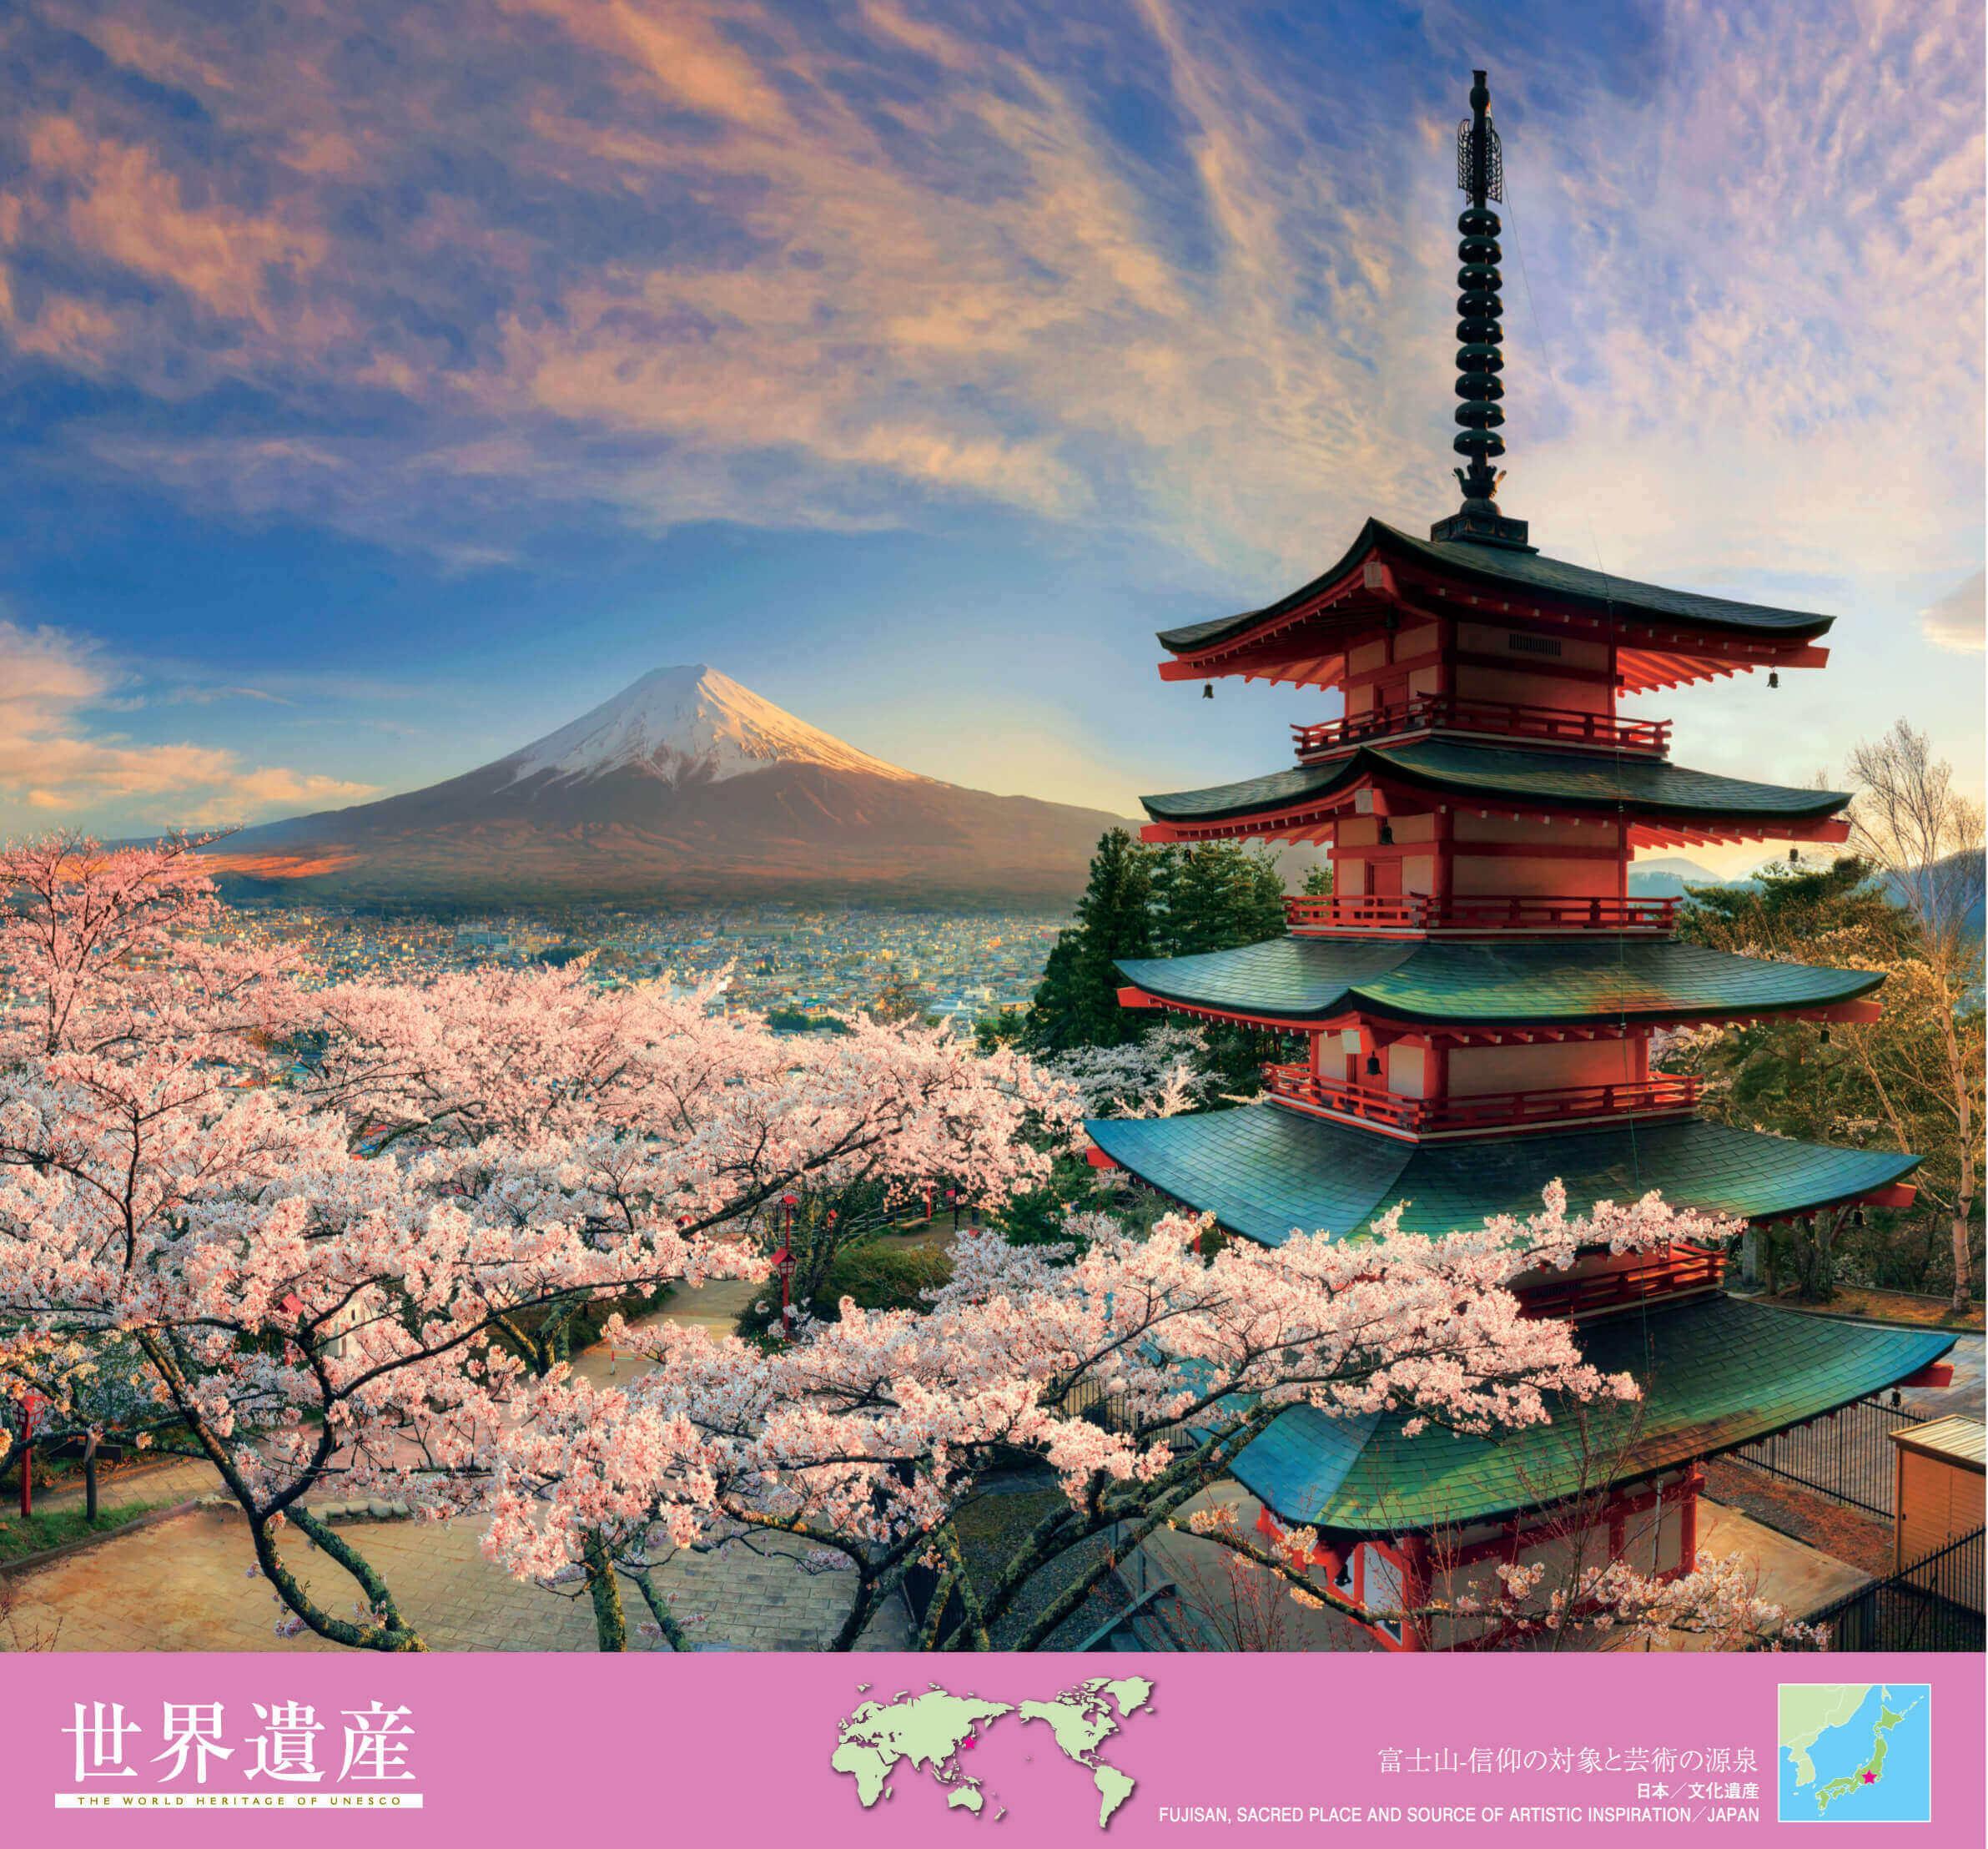 3-4月 富士山 日本 ユネスコ世界遺産(フィルムカレンダー) 2022年カレンダーの画像